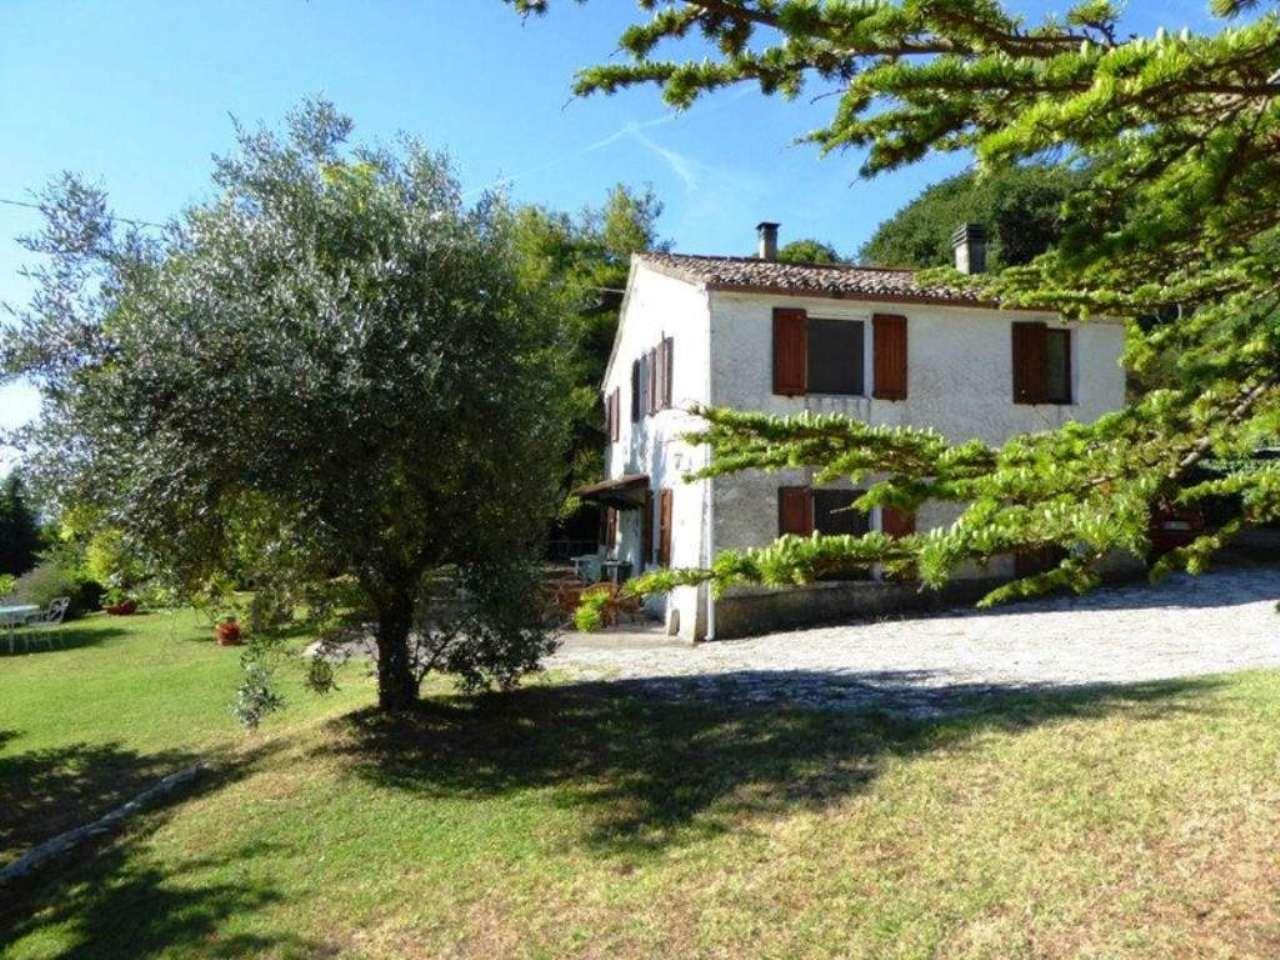 Villa in vendita a Sirolo, 7 locali, prezzo € 680.000 | Cambio Casa.it